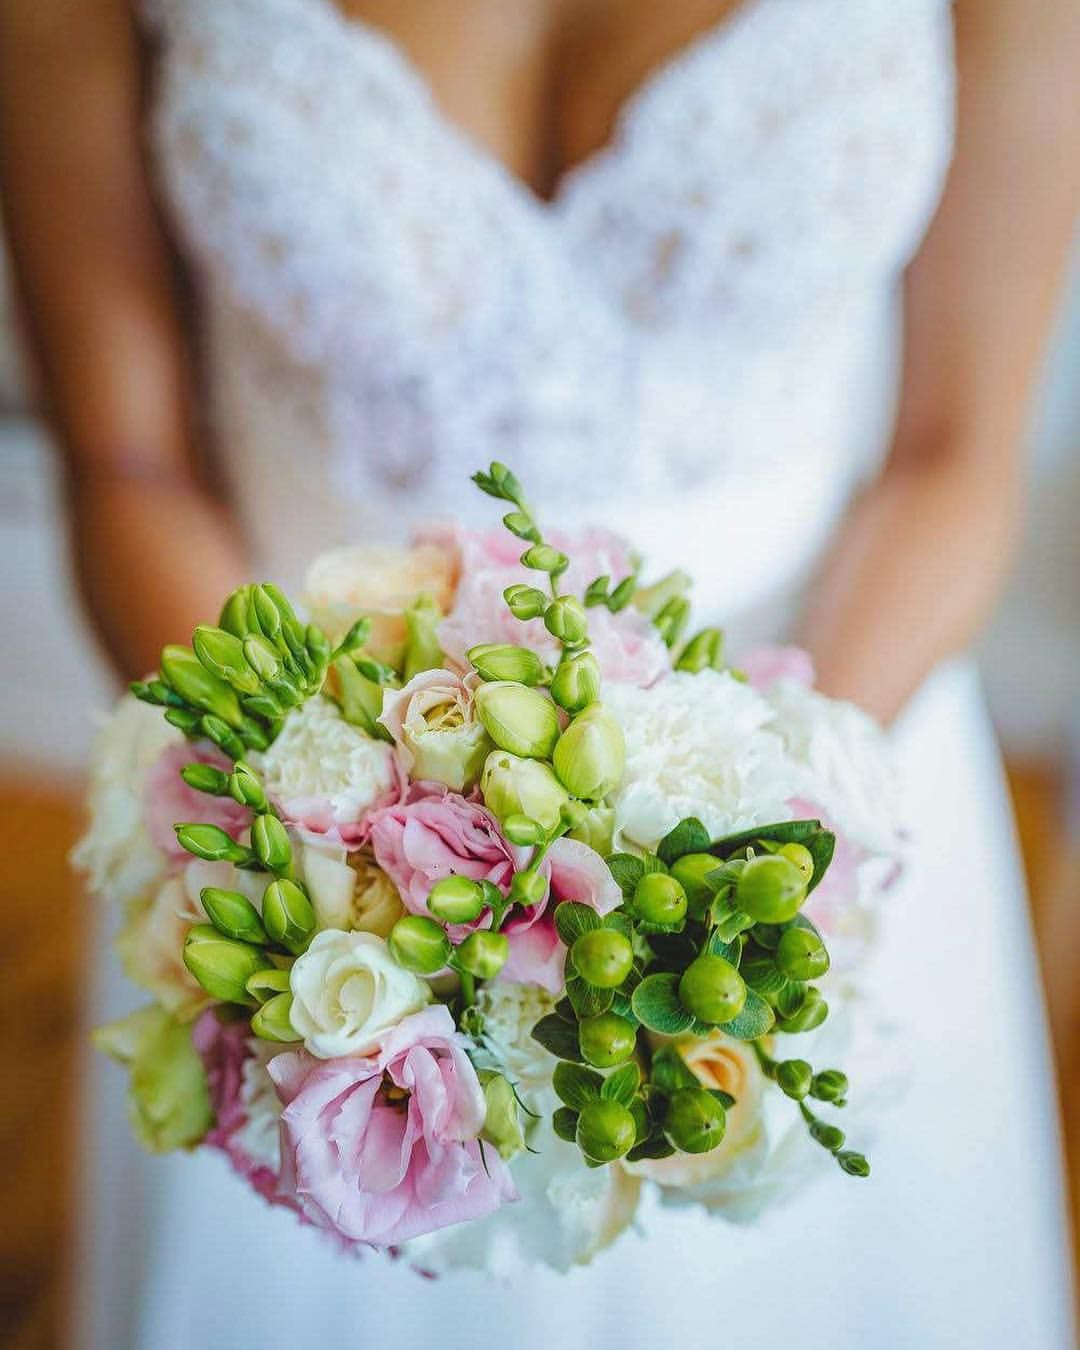 Bukiet Panny Mlodej Flower Kwiaty Bukiet Bukietslubny Slub Slubnaglowie Slubneinspiracje Inspiration Wedding Weddinggoals Inspirationmaria